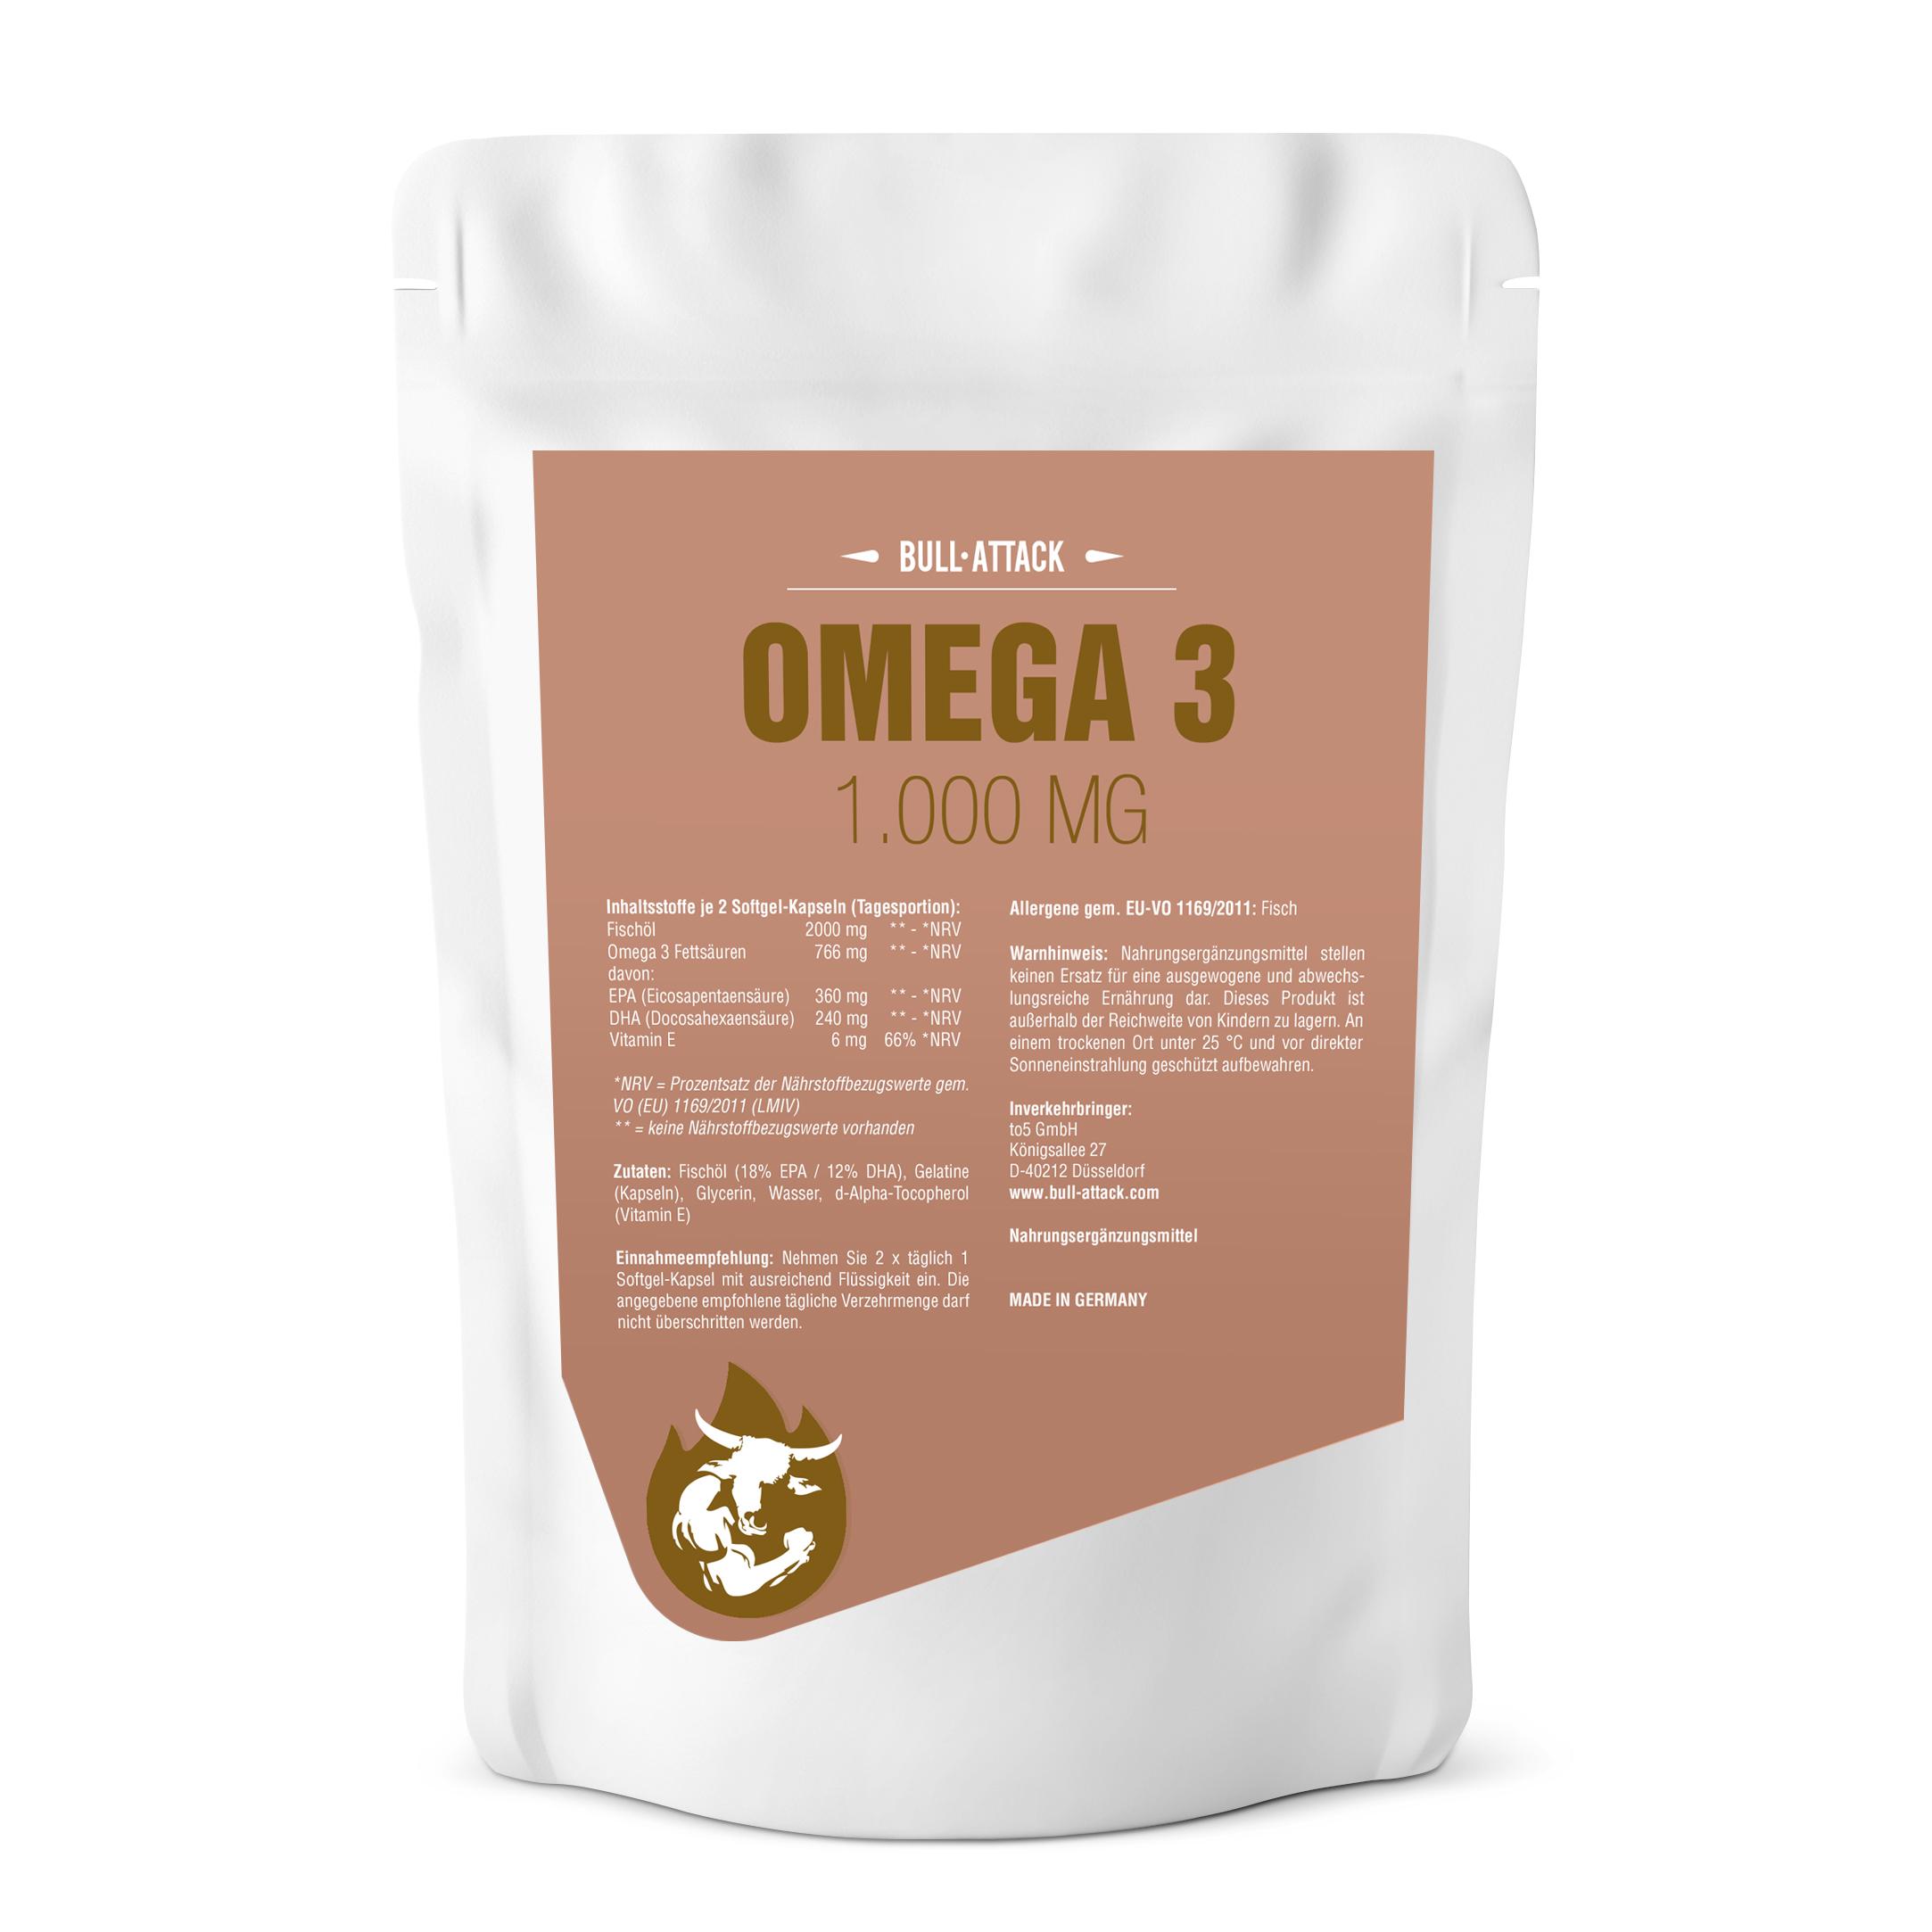 Omega 3 Fischöl-Kapseln | hochwertige Softgel-Kapseln 250 Stück